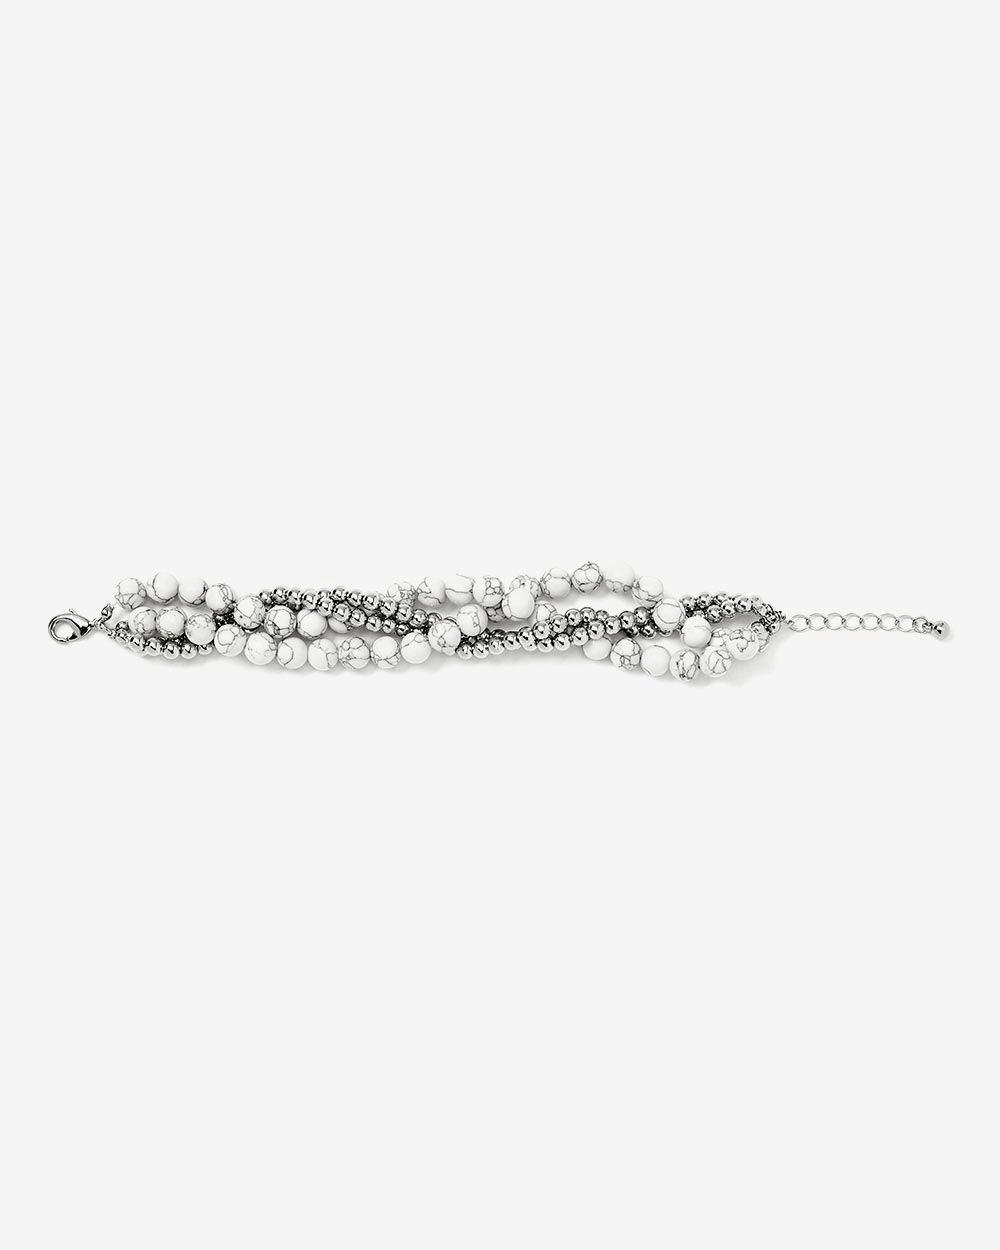 Bracelet à 4 rangs avec billes marbrées